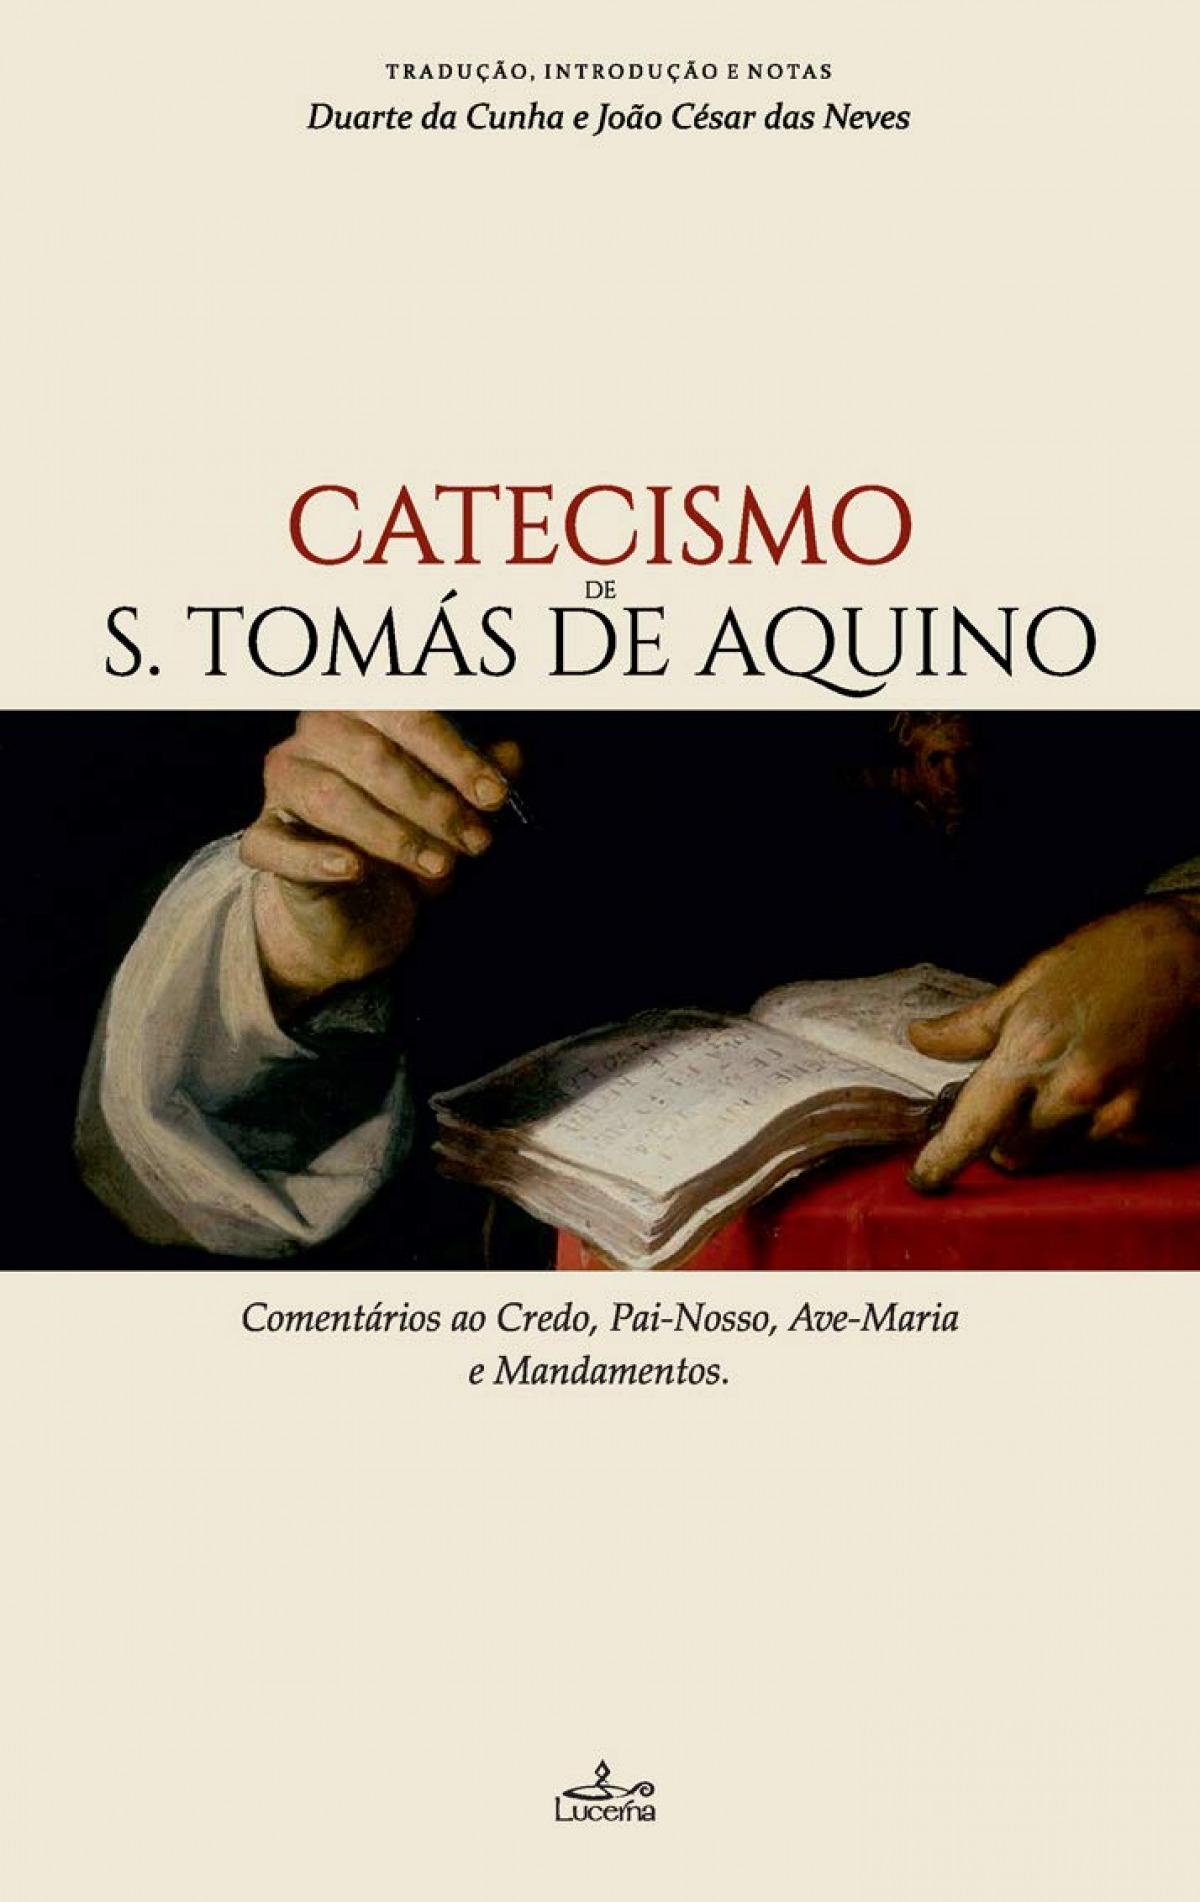 CATECISMO DE S. TOMAS DE AQUINO